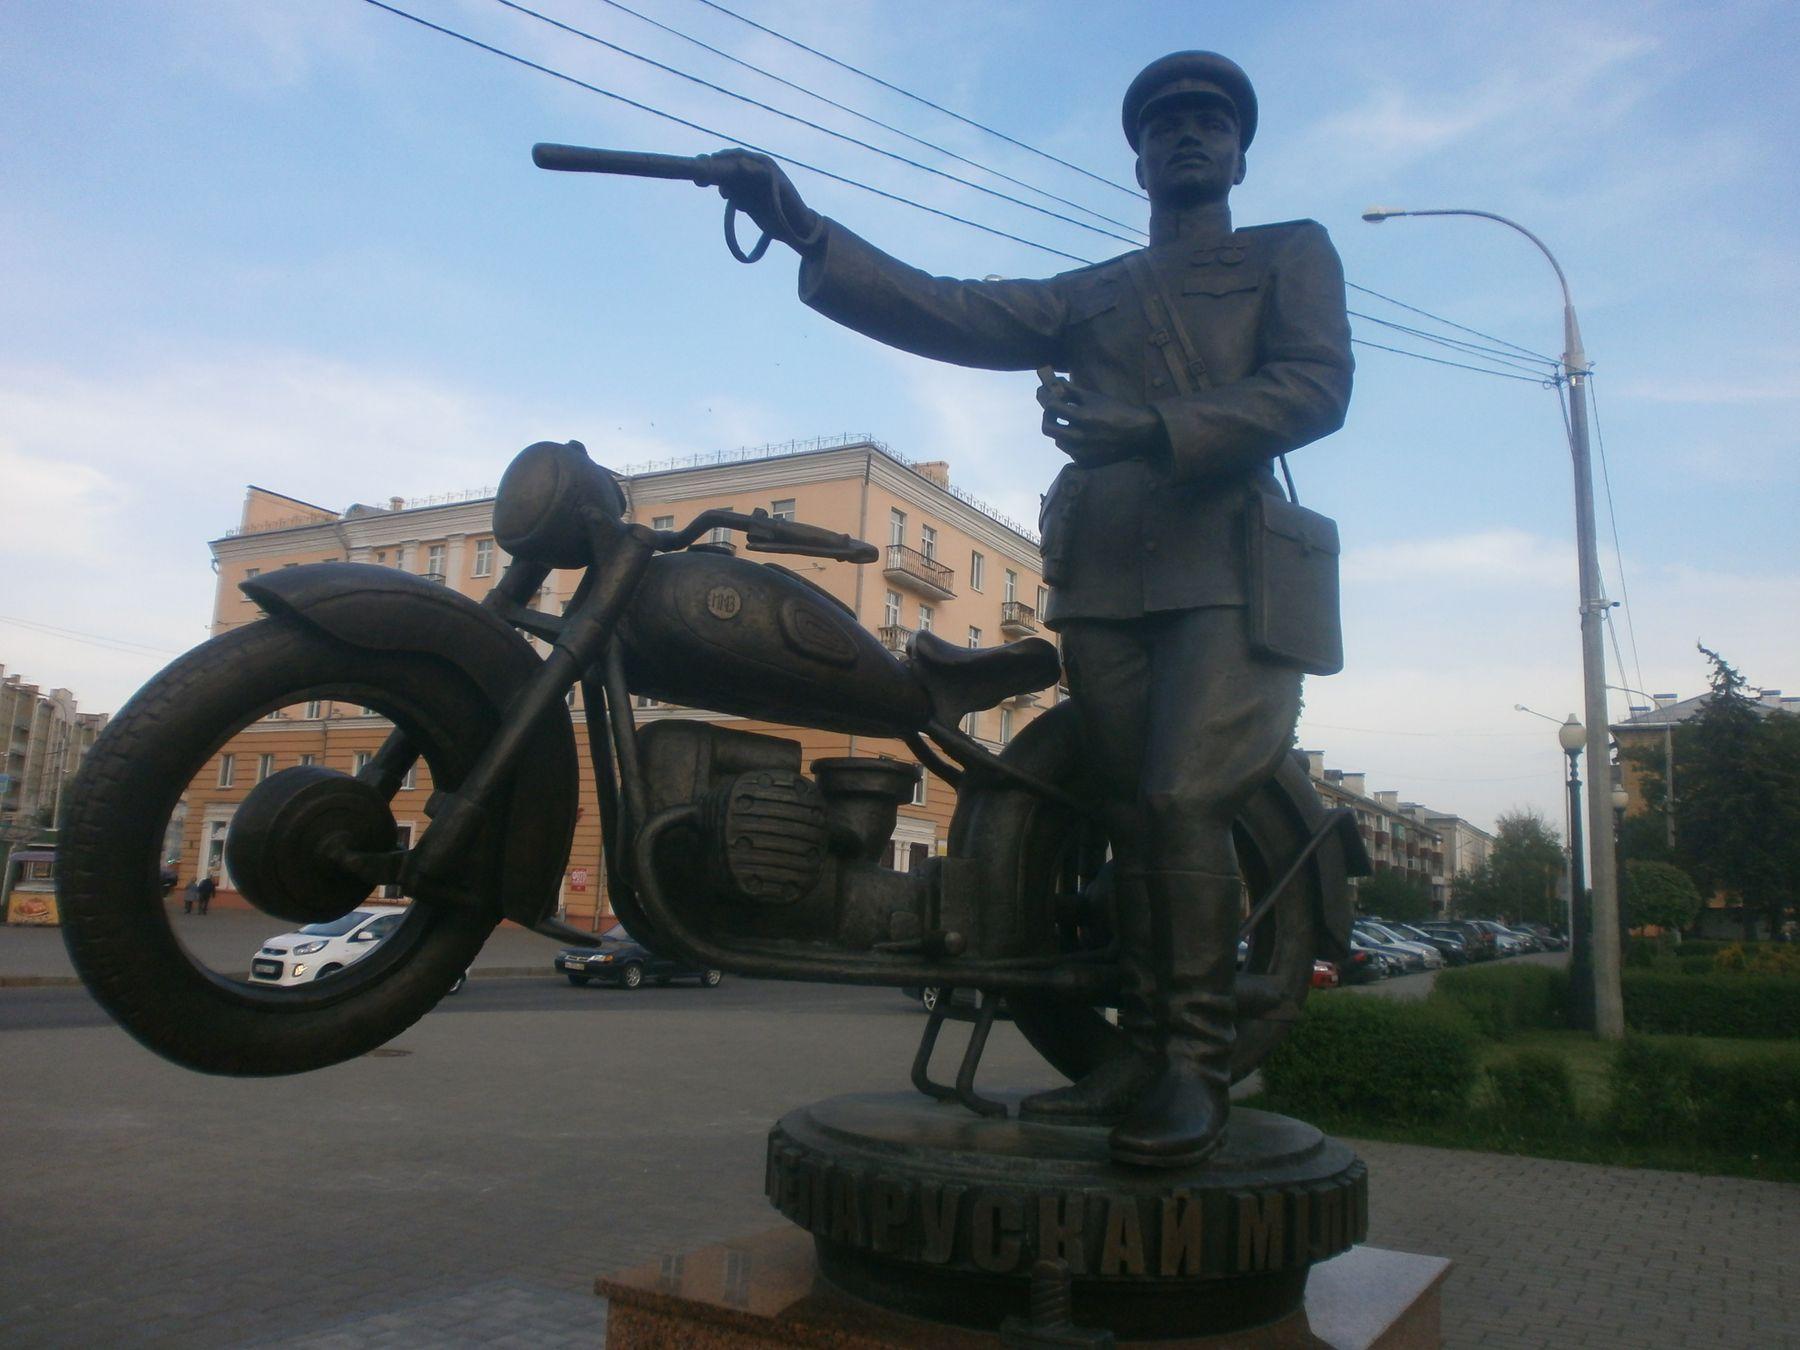 Памятник 100 лет Белорусской милиции 2017 г. Гомель. Гомель